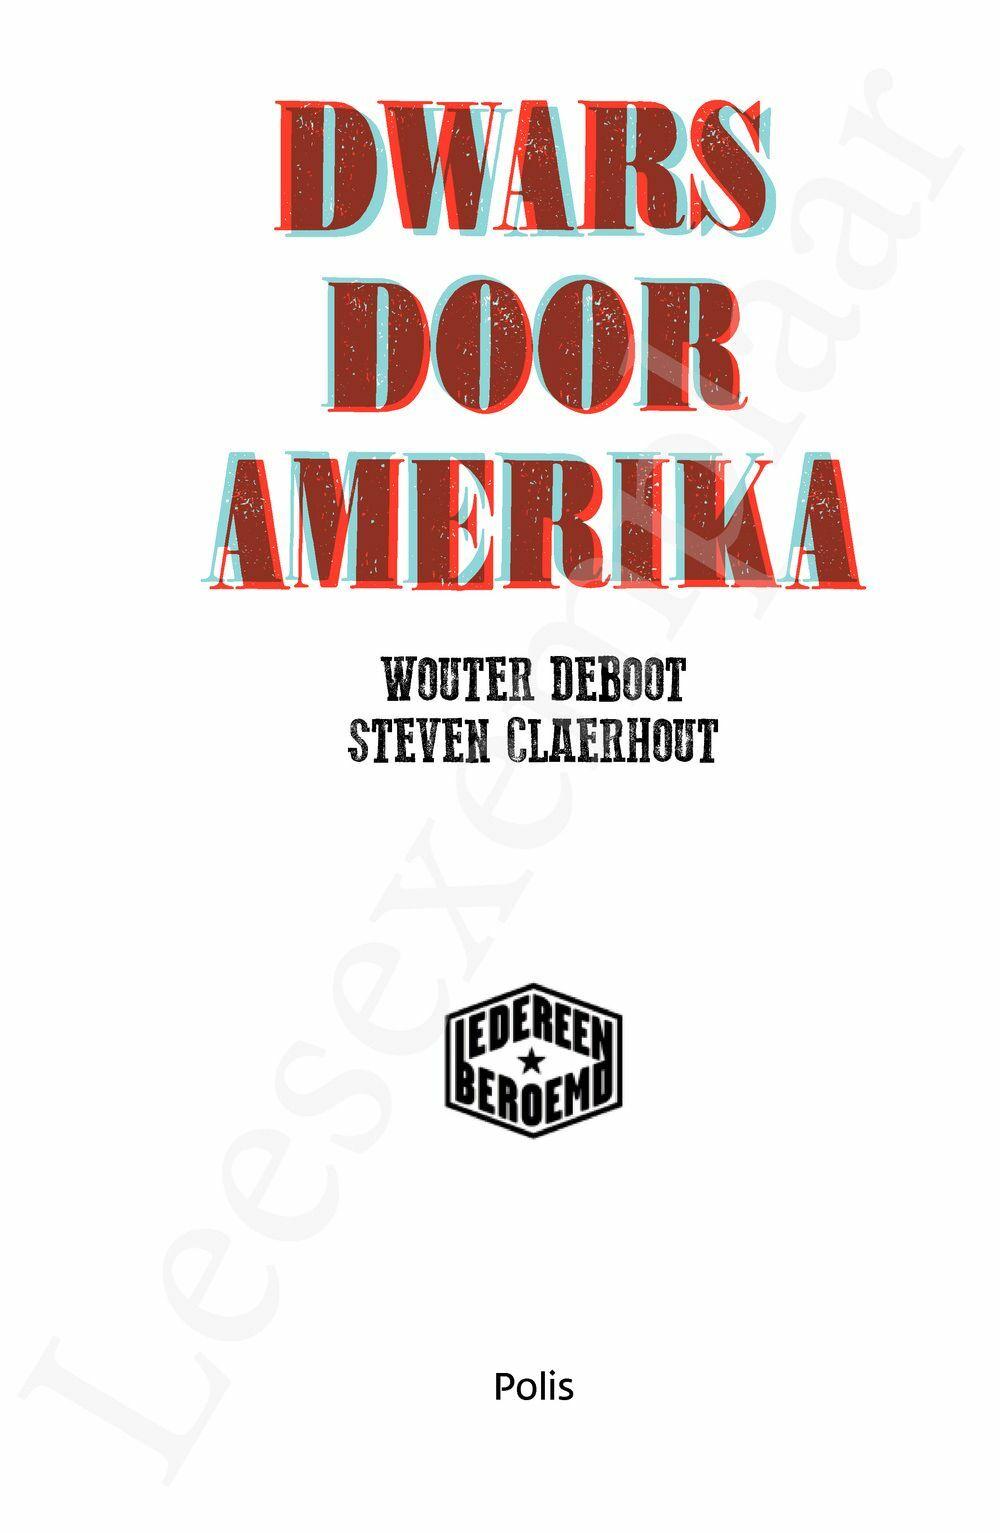 Preview: Dwars door Amerika